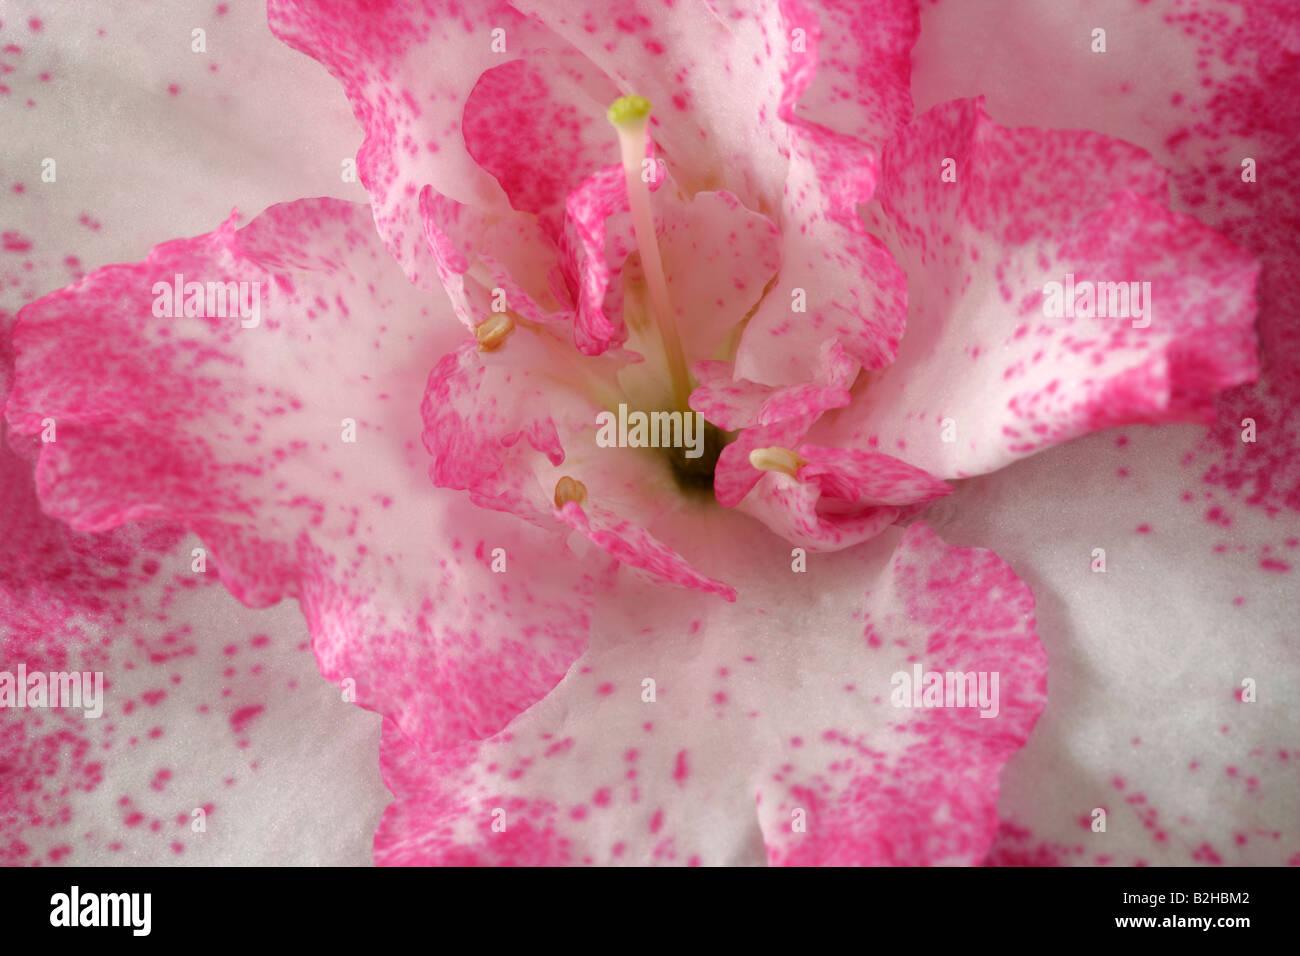 Fioritura azalee arbusto immagine impressa sullo schermo suggestiva immagine di sfondo sfondo close up pattern pattern Immagini Stock